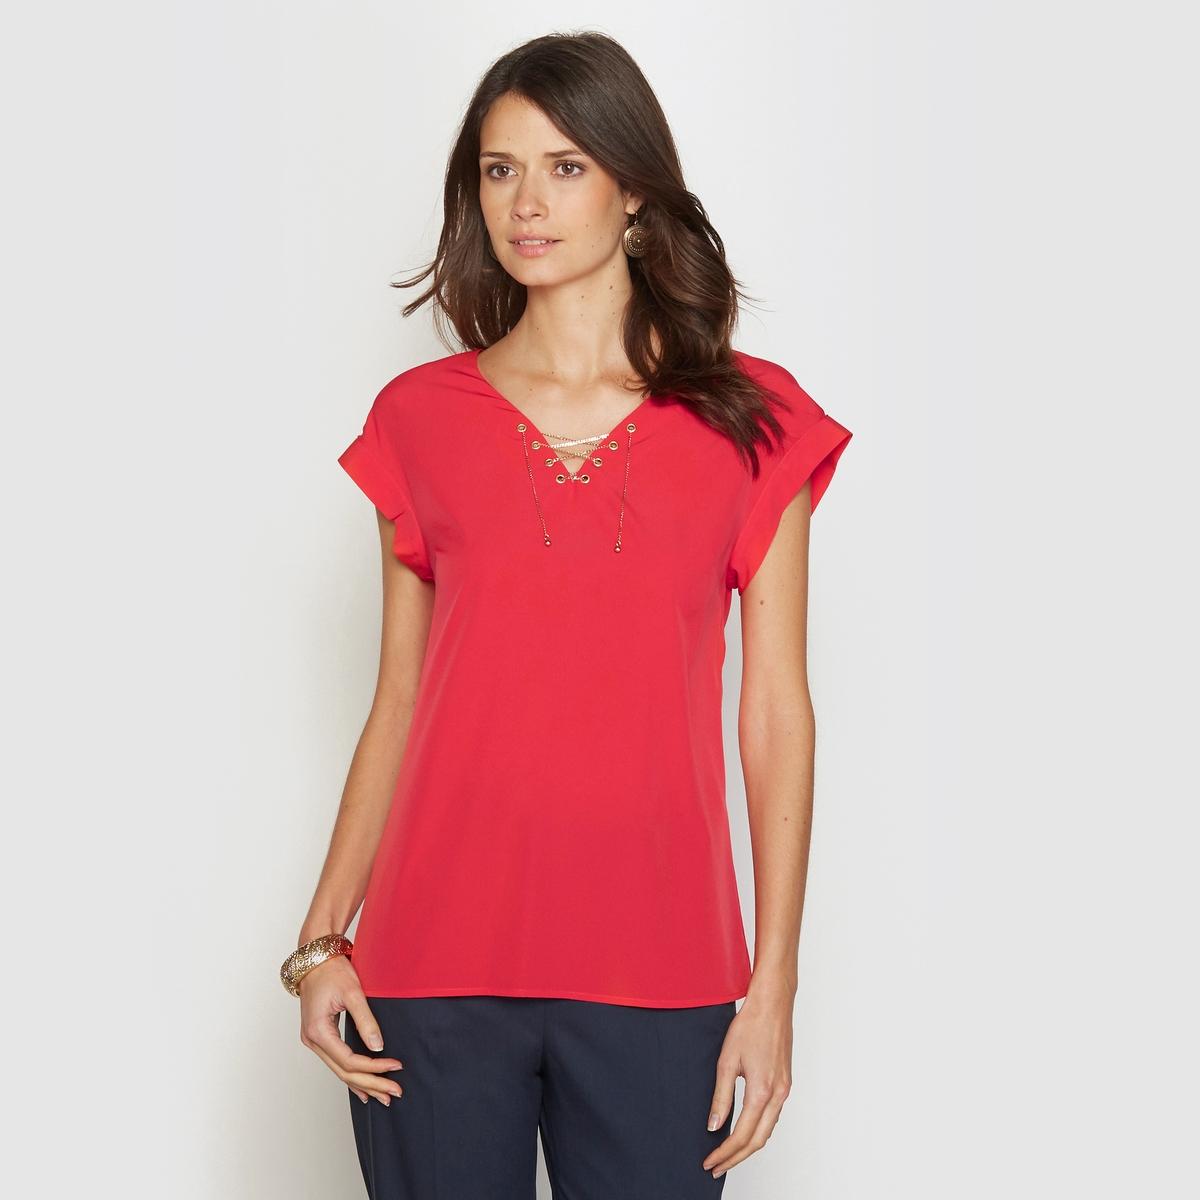 Блузка оригинальнаяОригинальная блузка. V-образный вырез с декоративной плетеной цепочкой. Короткие рукава с отворотами. Вставка на плечах подчеркнута складками. Длина ок. 62 см. Красивый креп, 100% полиэстера.<br><br>Цвет: красный